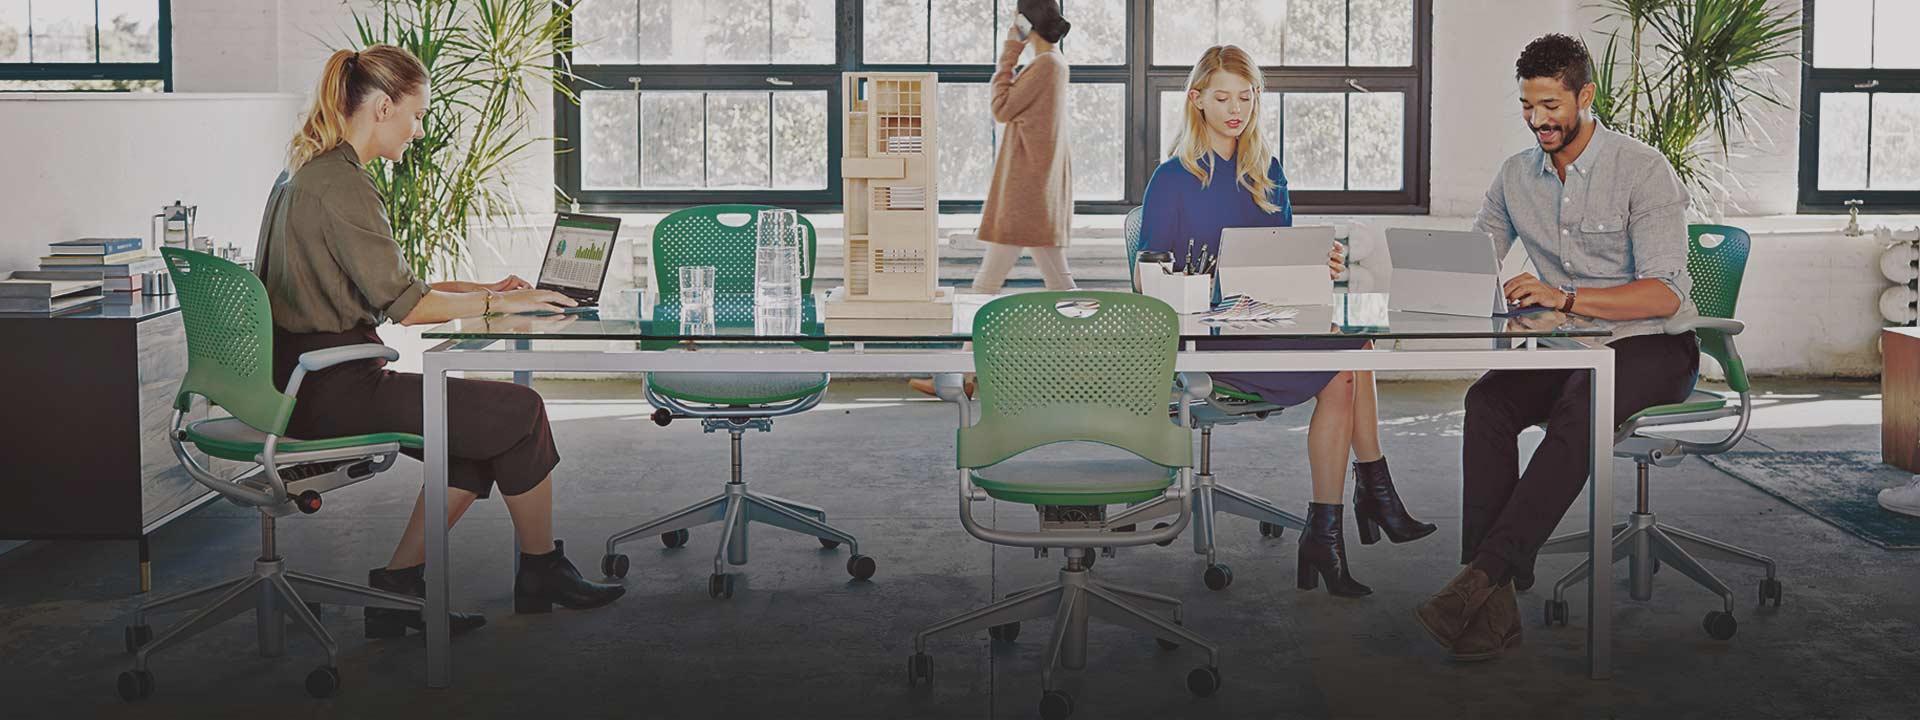 أشخاص يعملون، تعرف على المزيد حول Office 365